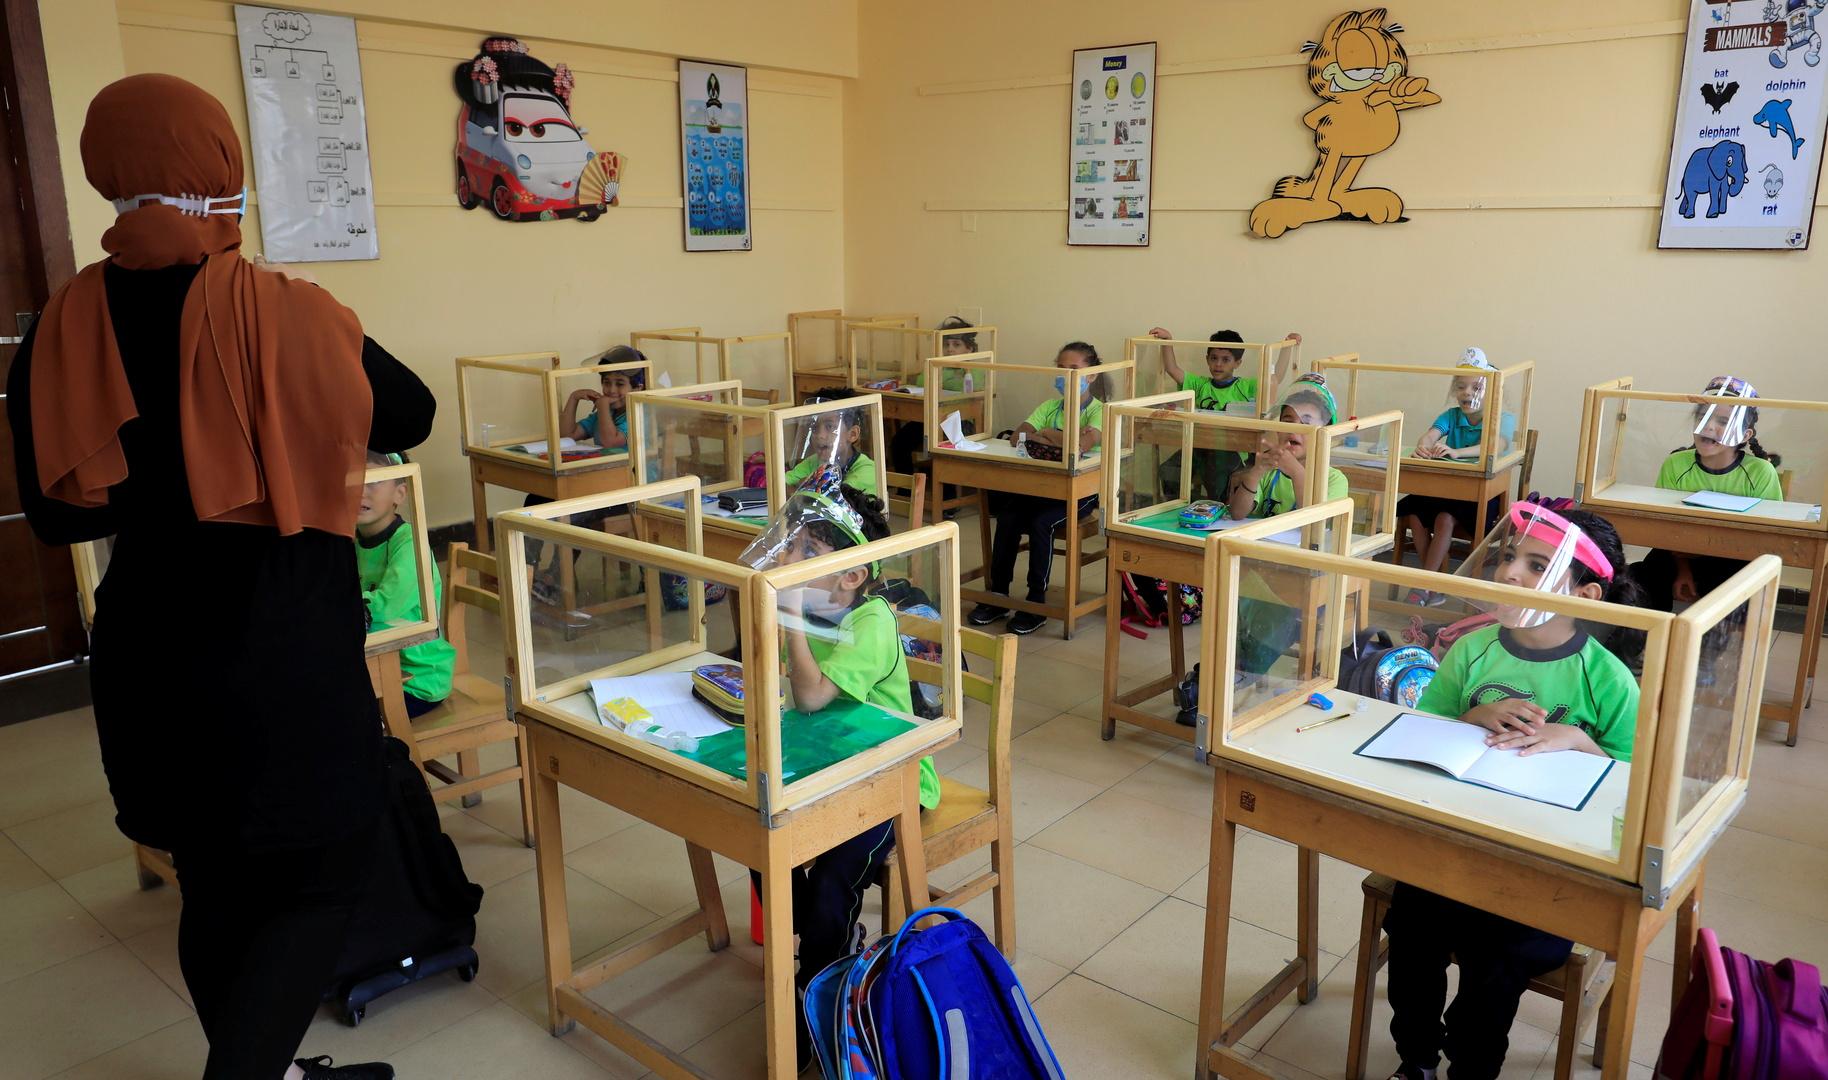 التعليم في مصر بظل جائحة كورونا